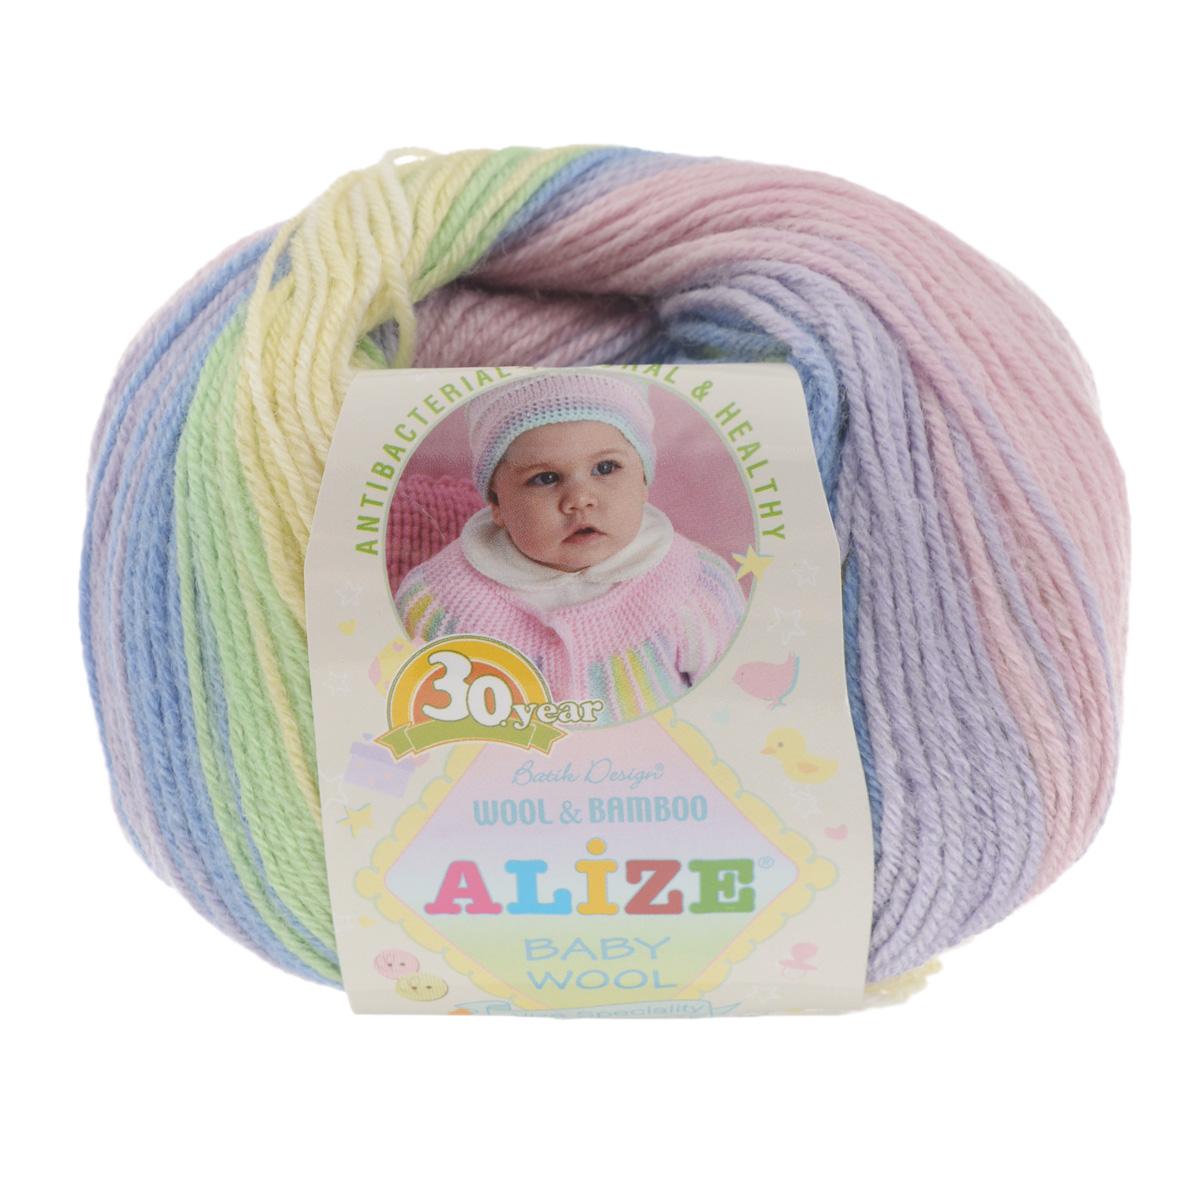 Пряжа для вязания Alize Baby wool batik design, цвет: розовый, белый, зеленый (4004), 175 м, 50 г, 10 шт372104_4004Пряжа Alize Baby wool batik design - это пряжа для ручного вязания детям, состоящая из 40% шерсти, 40% акрила и 20% бамбука. Классическая пряжа, мягкая и шелковистая на ощупь, секционного крашения с длинными переходами цветов. Рекомендованные для вязания спицы 2,5-4 мм и крючки 1-3 мм. Состав: 40% шерсть, 40% акрил, 20% бамбук.